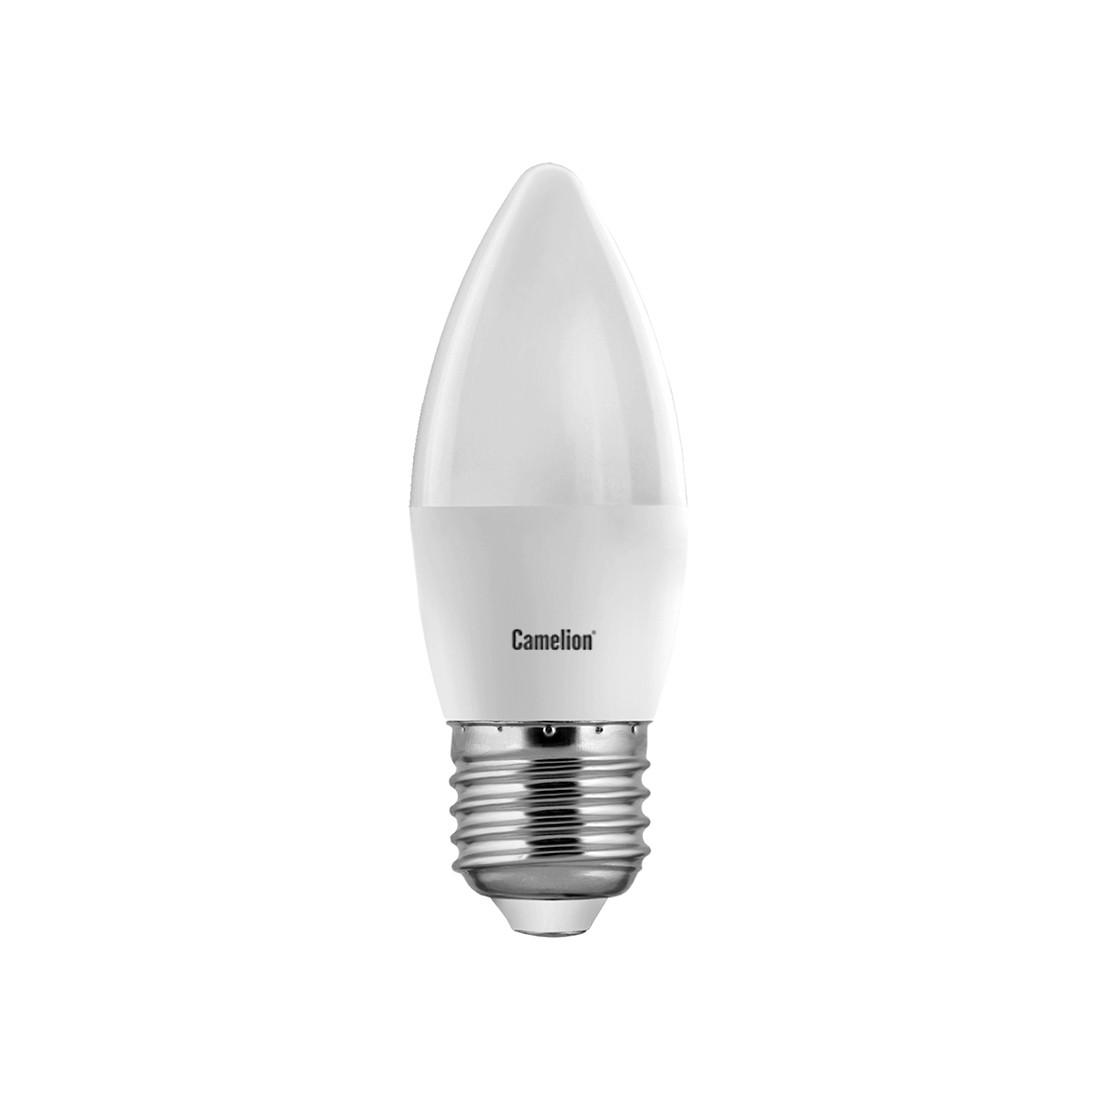 Эл. лампа светодиодная Camelion LED7-C35/830/E27, Тёплый